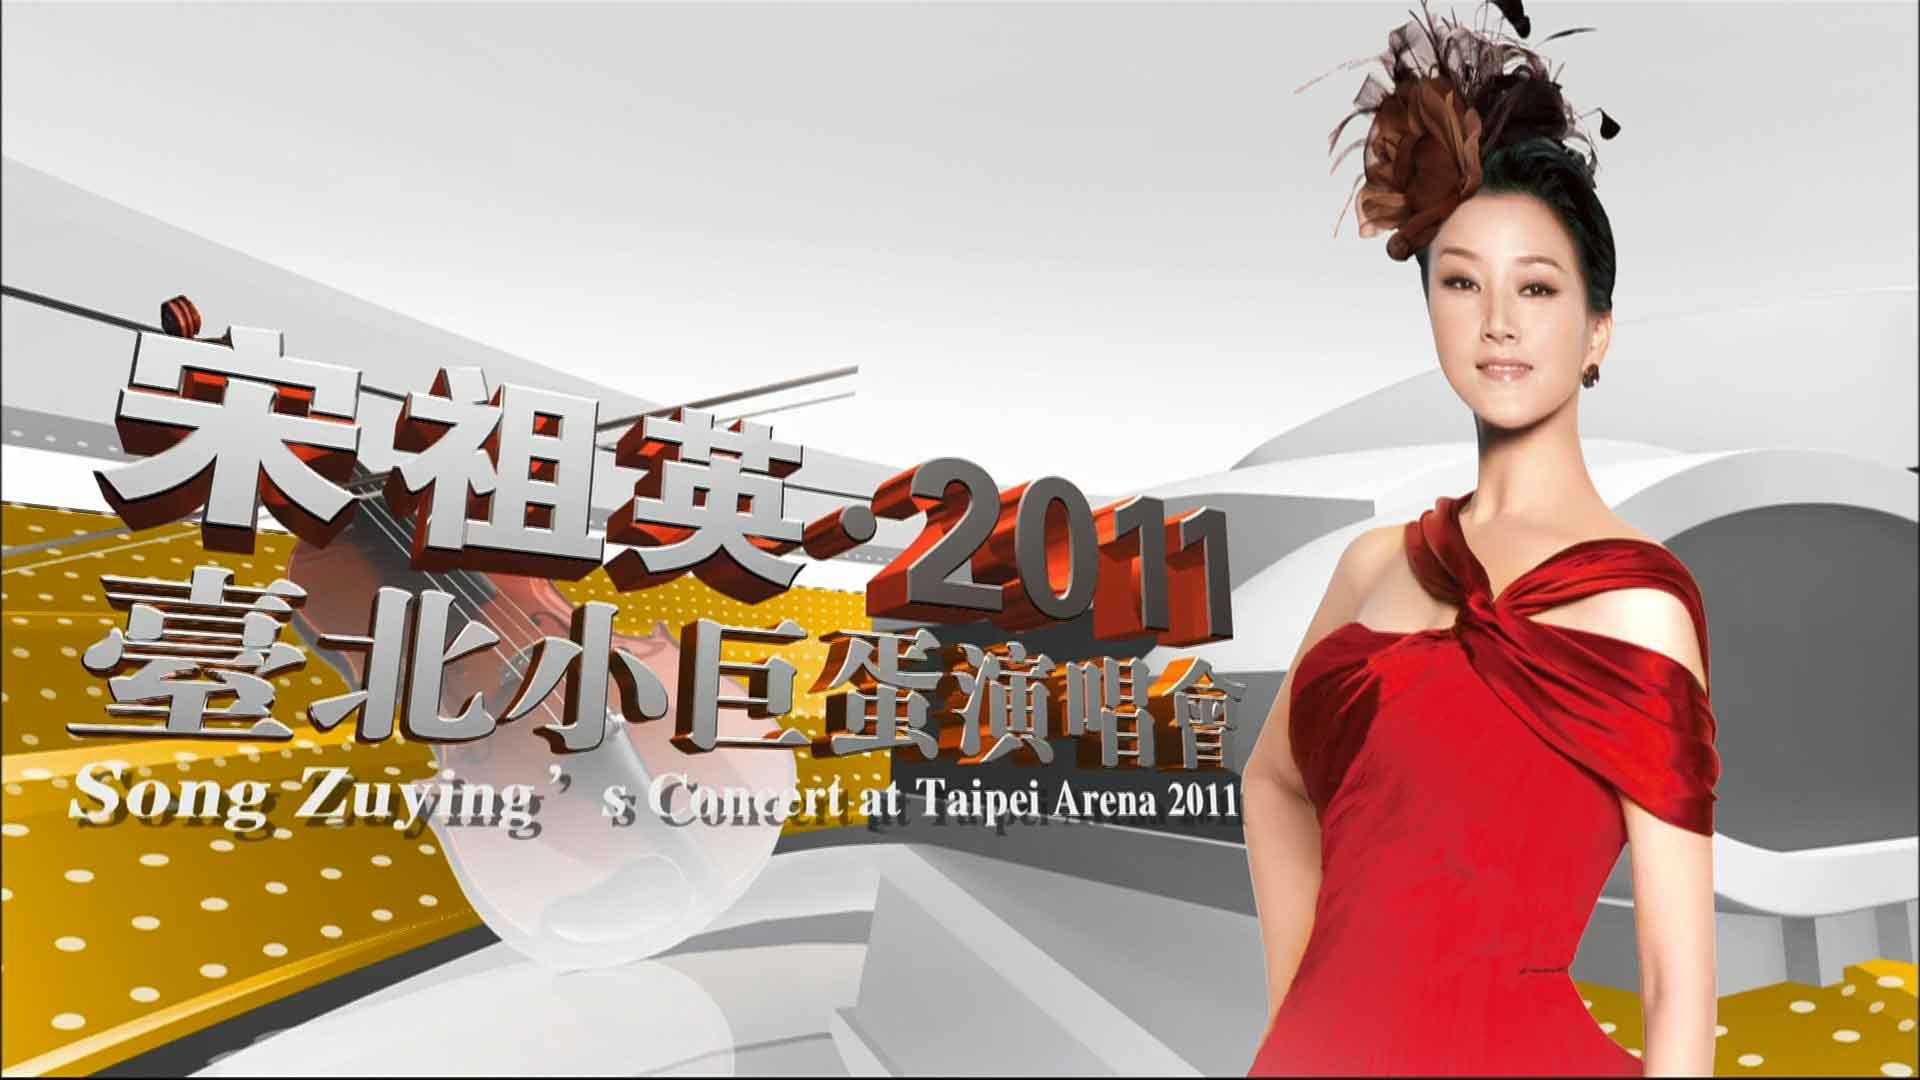 [蓝光原盘] 宋祖英2011台北小巨蛋音乐会 《ISO 39.64G》